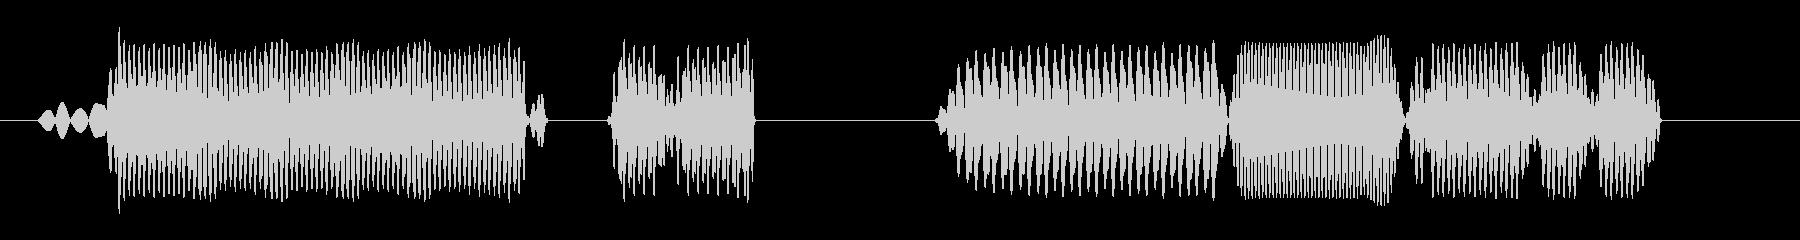 プゥププヤゥン(会話のような電子音)の未再生の波形